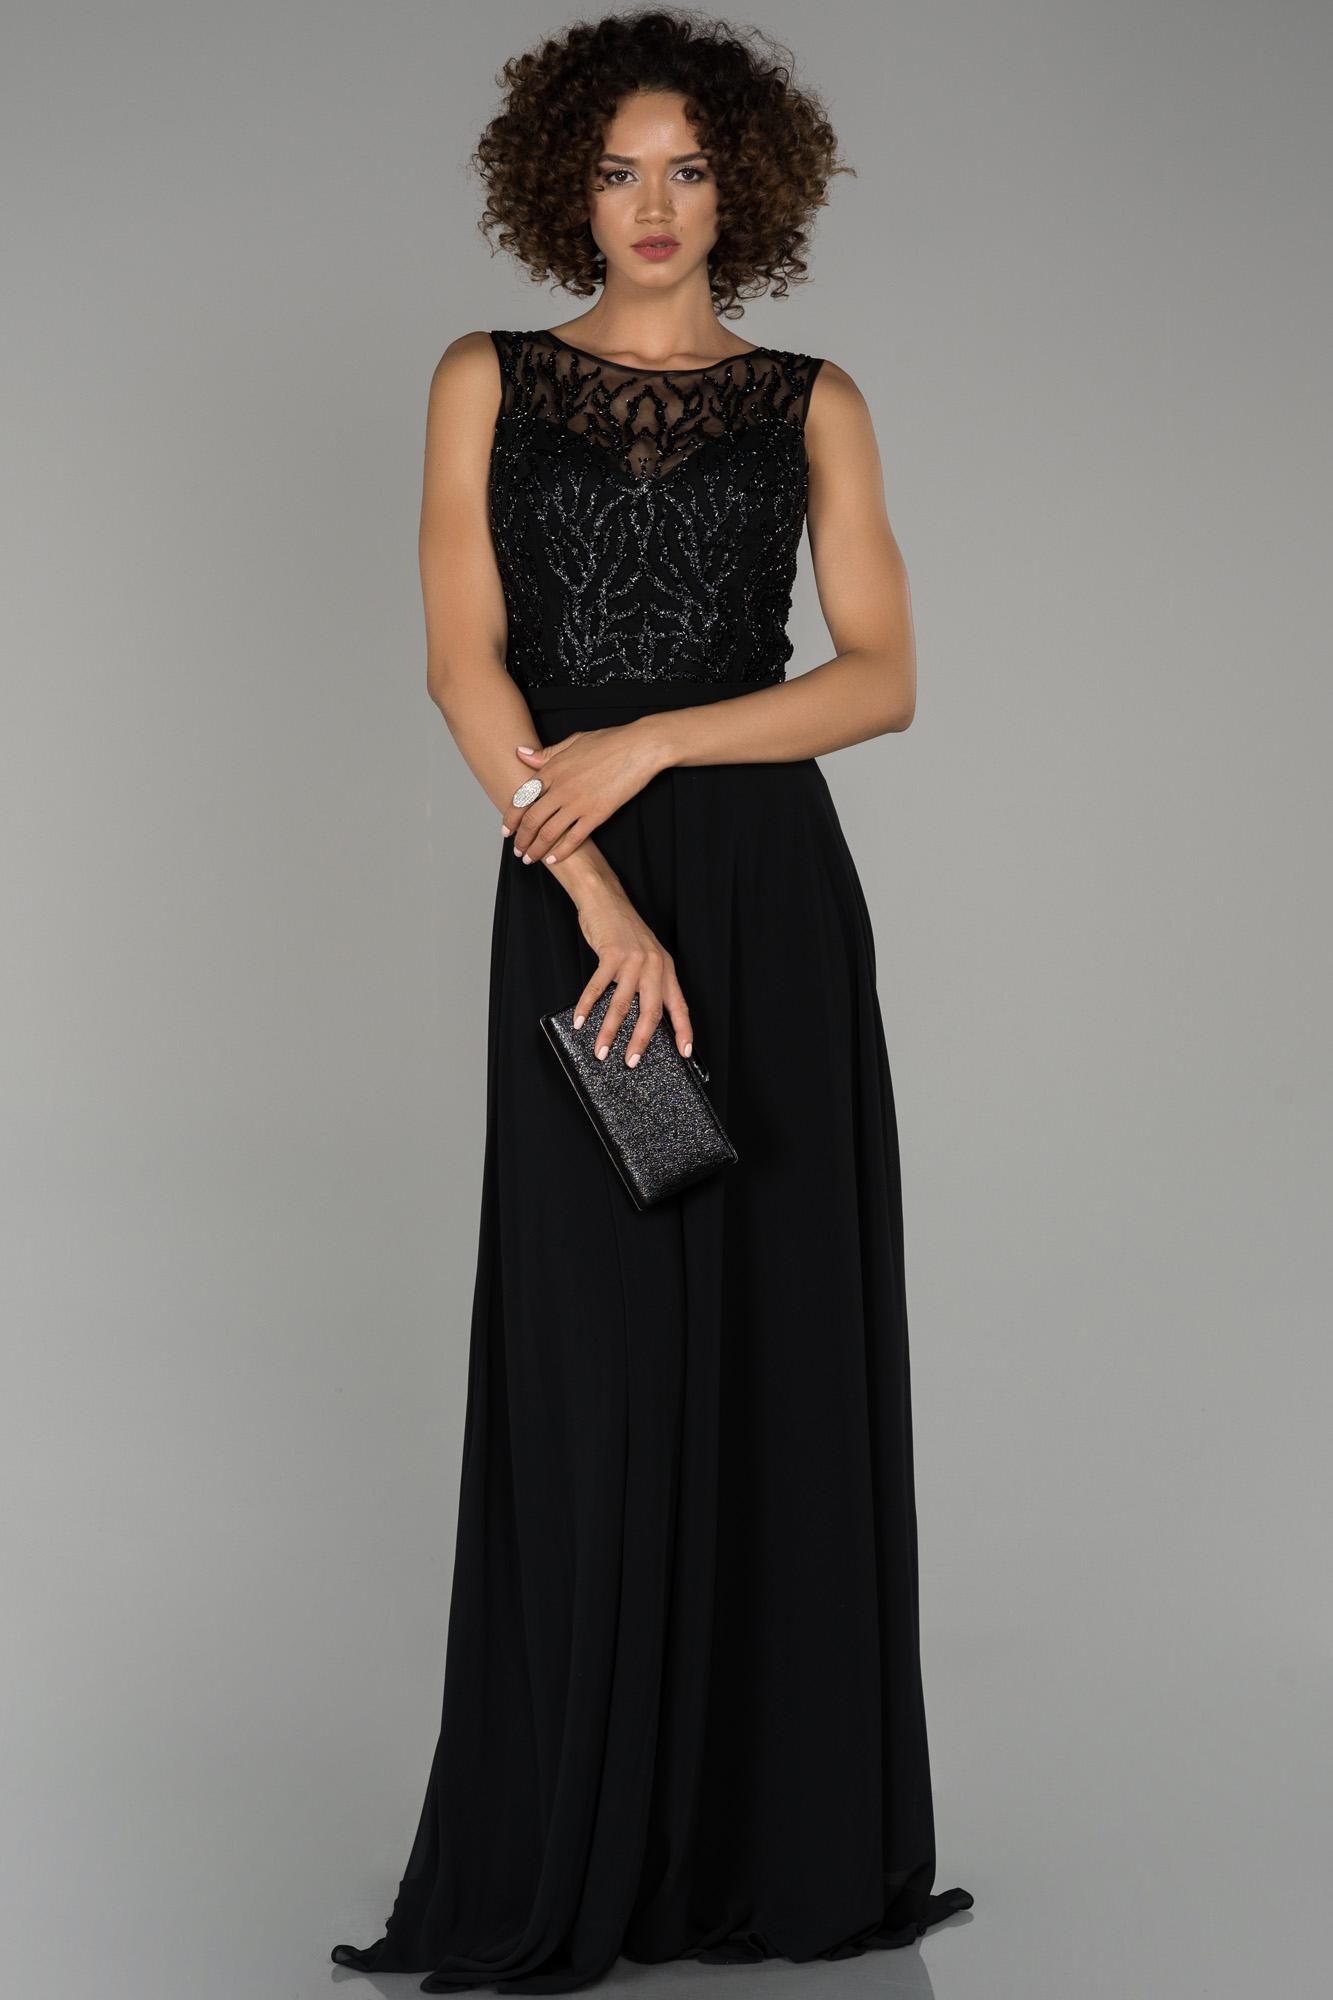 Siyah Bacak Dekolteli Taş Işlemeli Şifon Abiye Elbise